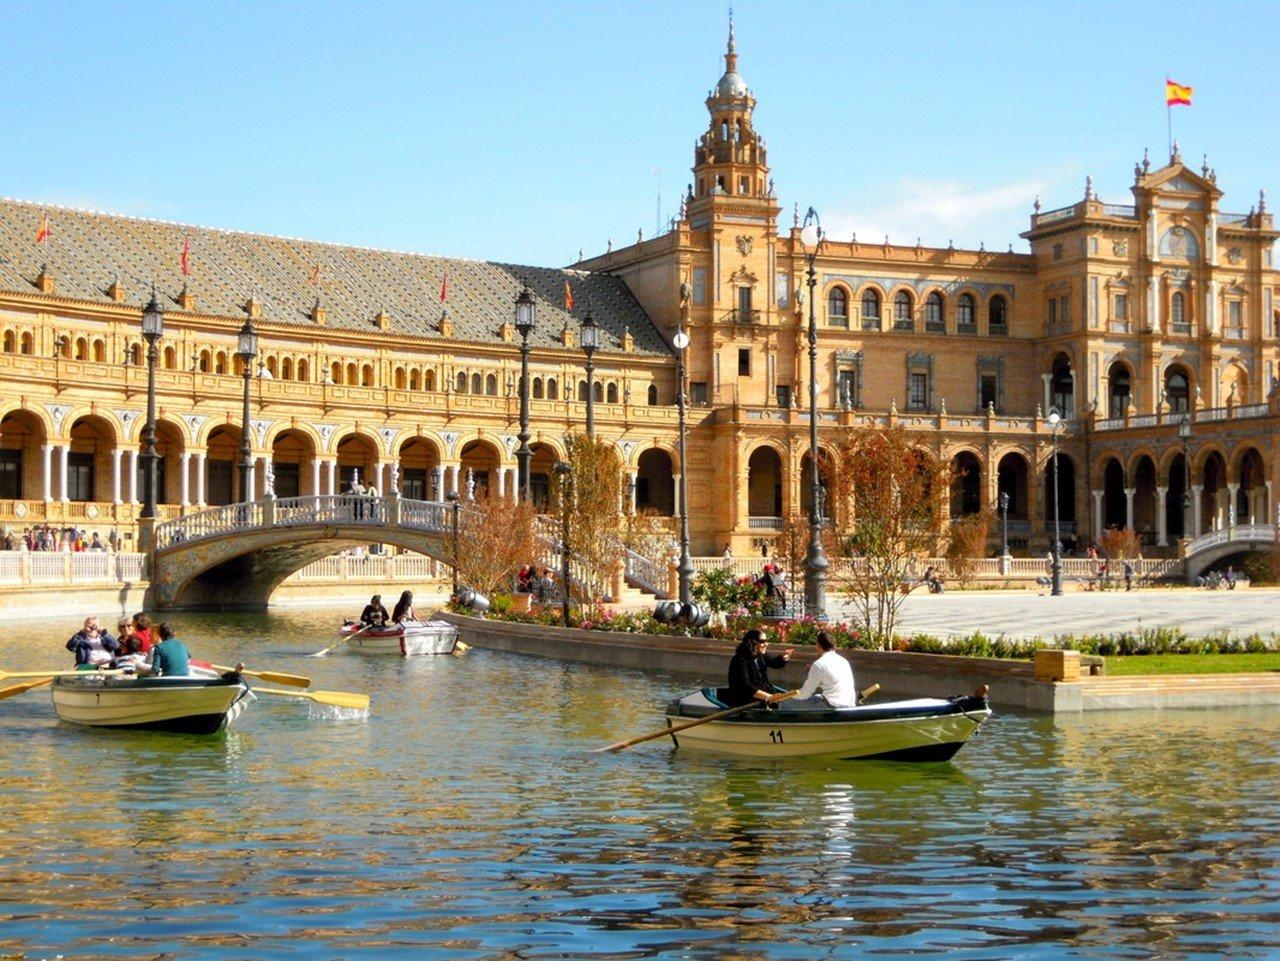 Kiến trúc đặc sắc của Tây Ban Nha